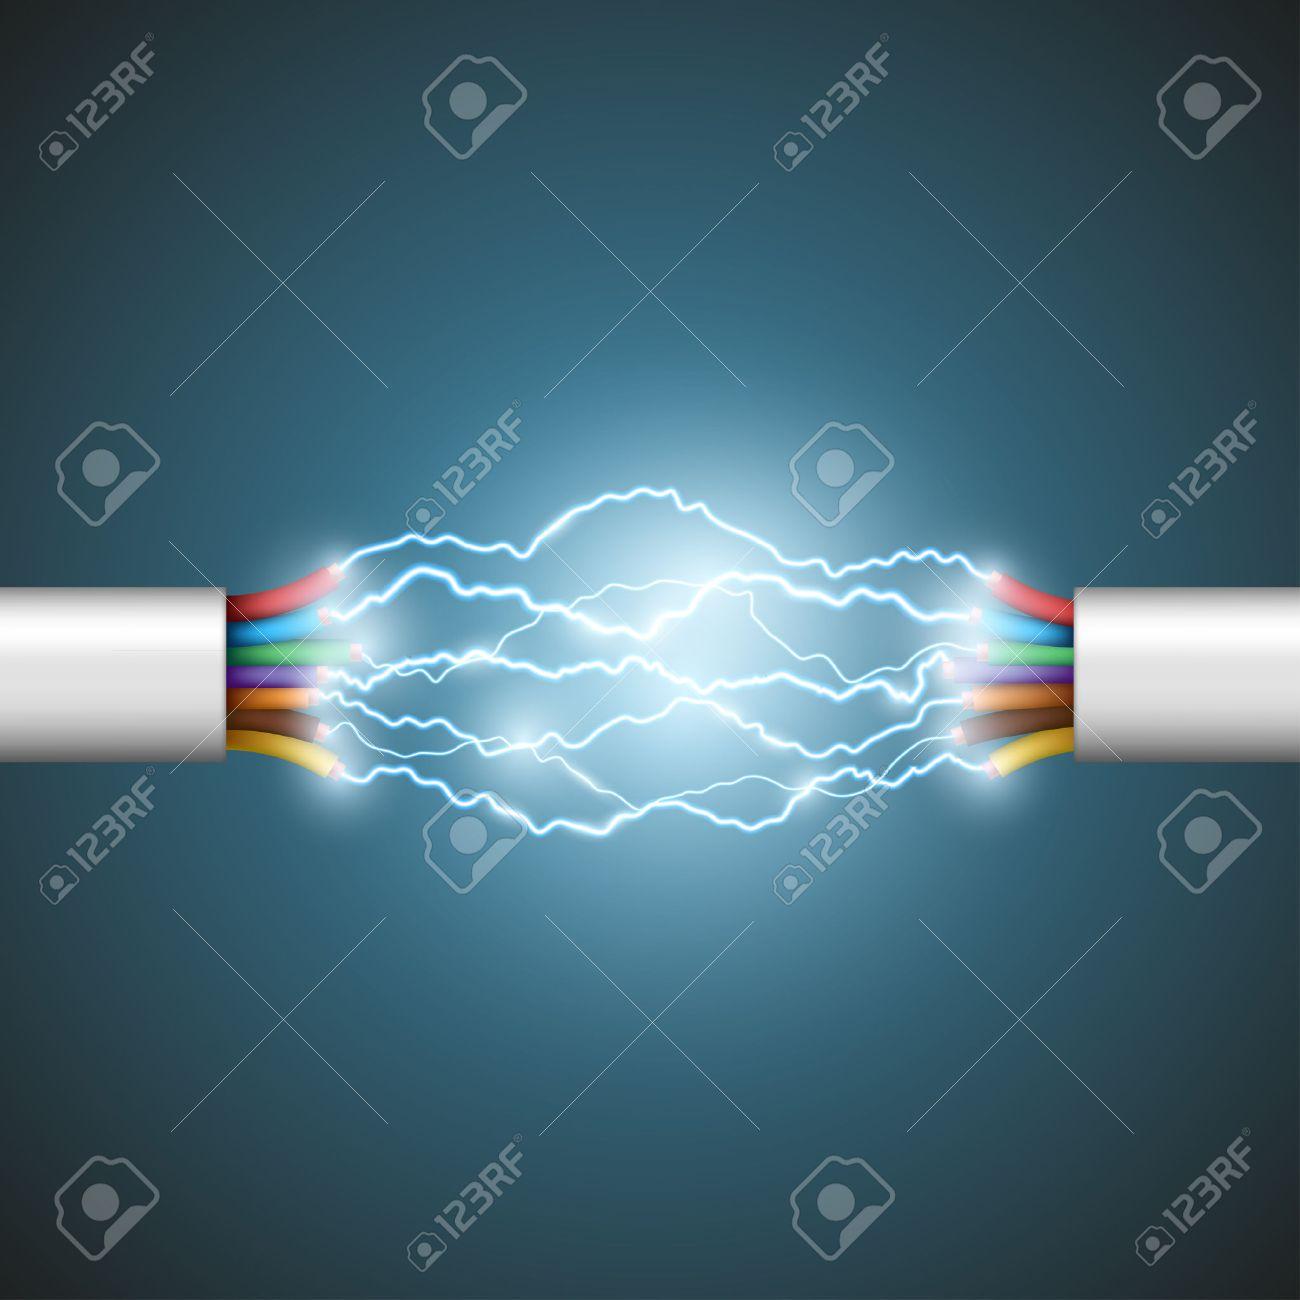 Lichtbogen Zwischen Den Drähten. Elektrische Schaltung. Vektorgrafik ...